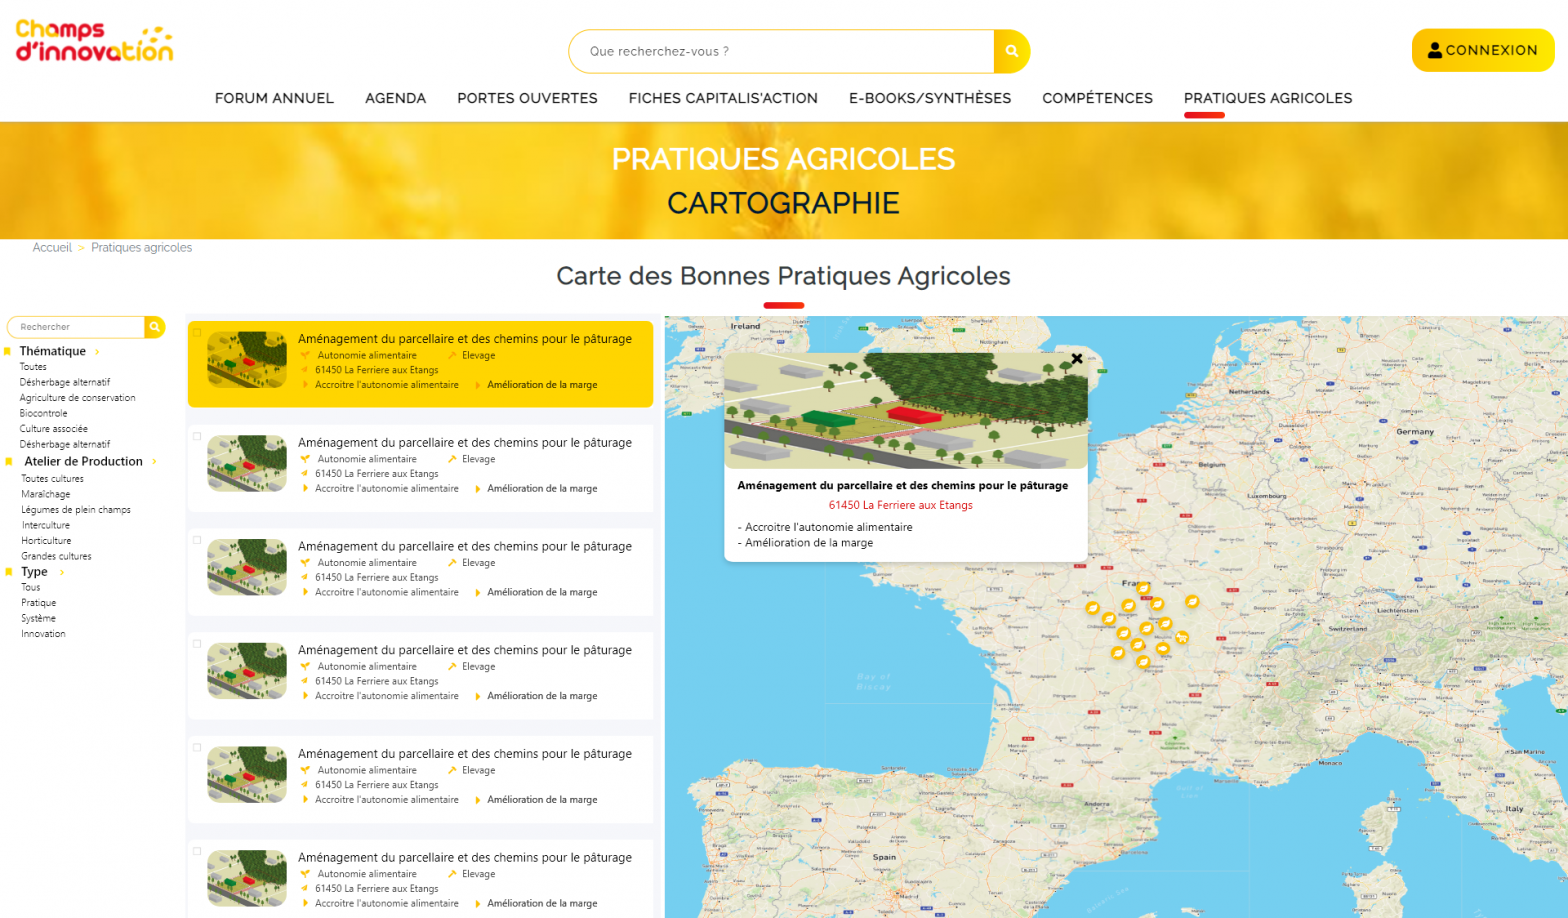 Cartographie des pratiques agroécologique en Normandie